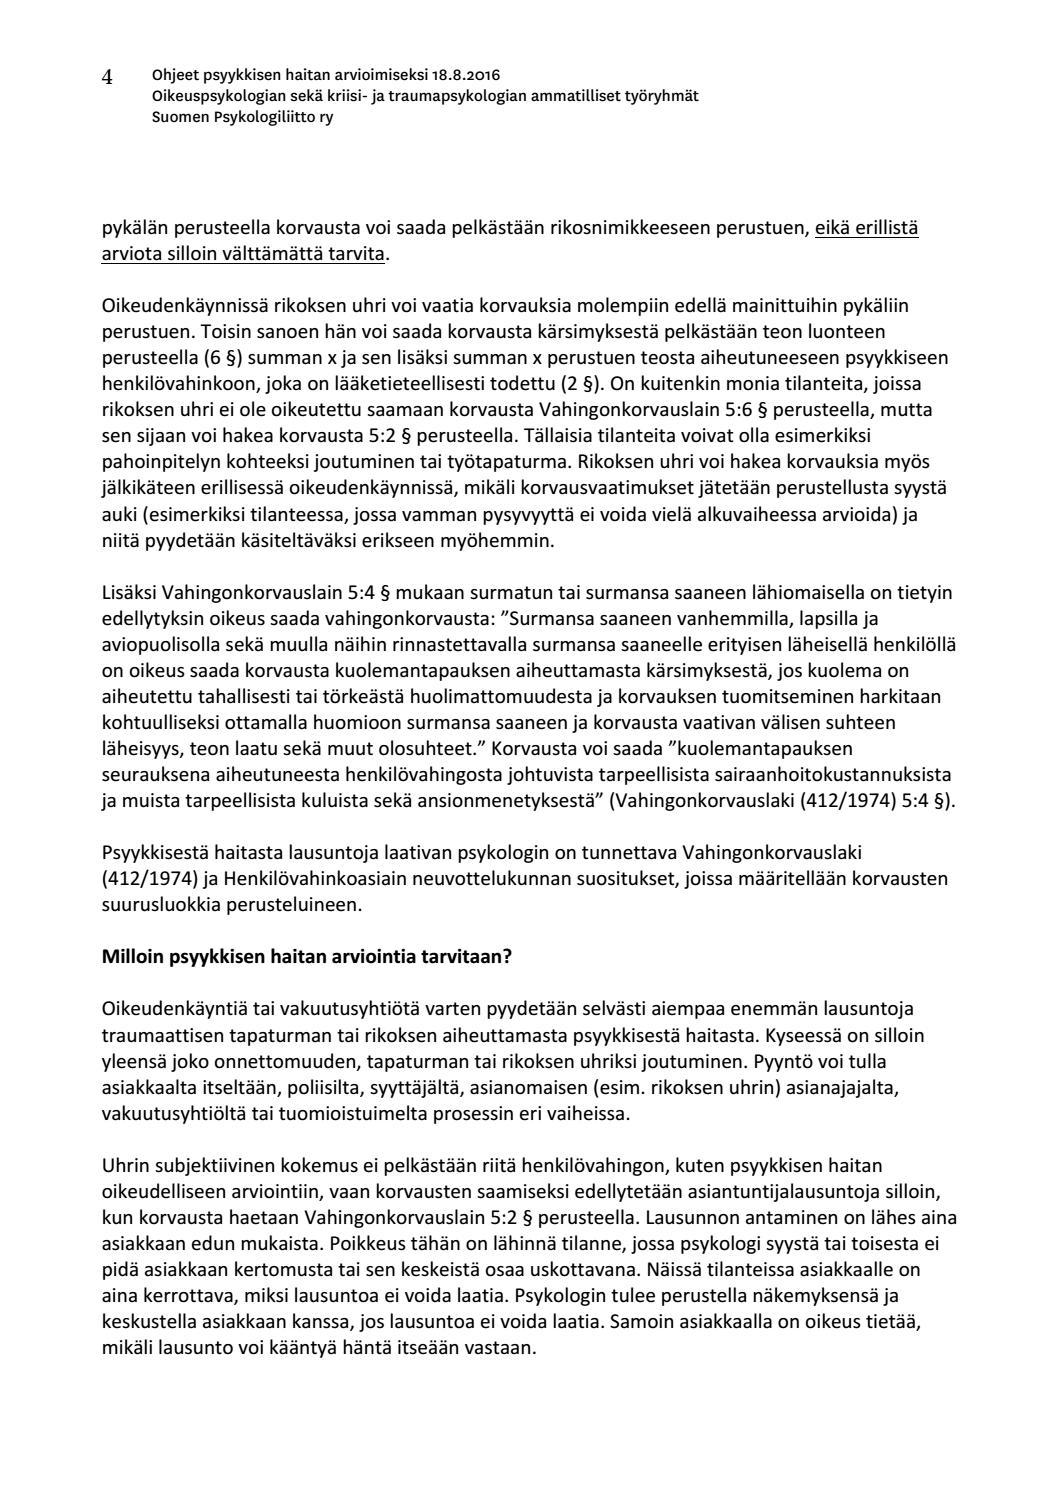 Suomen Psykologiliitto